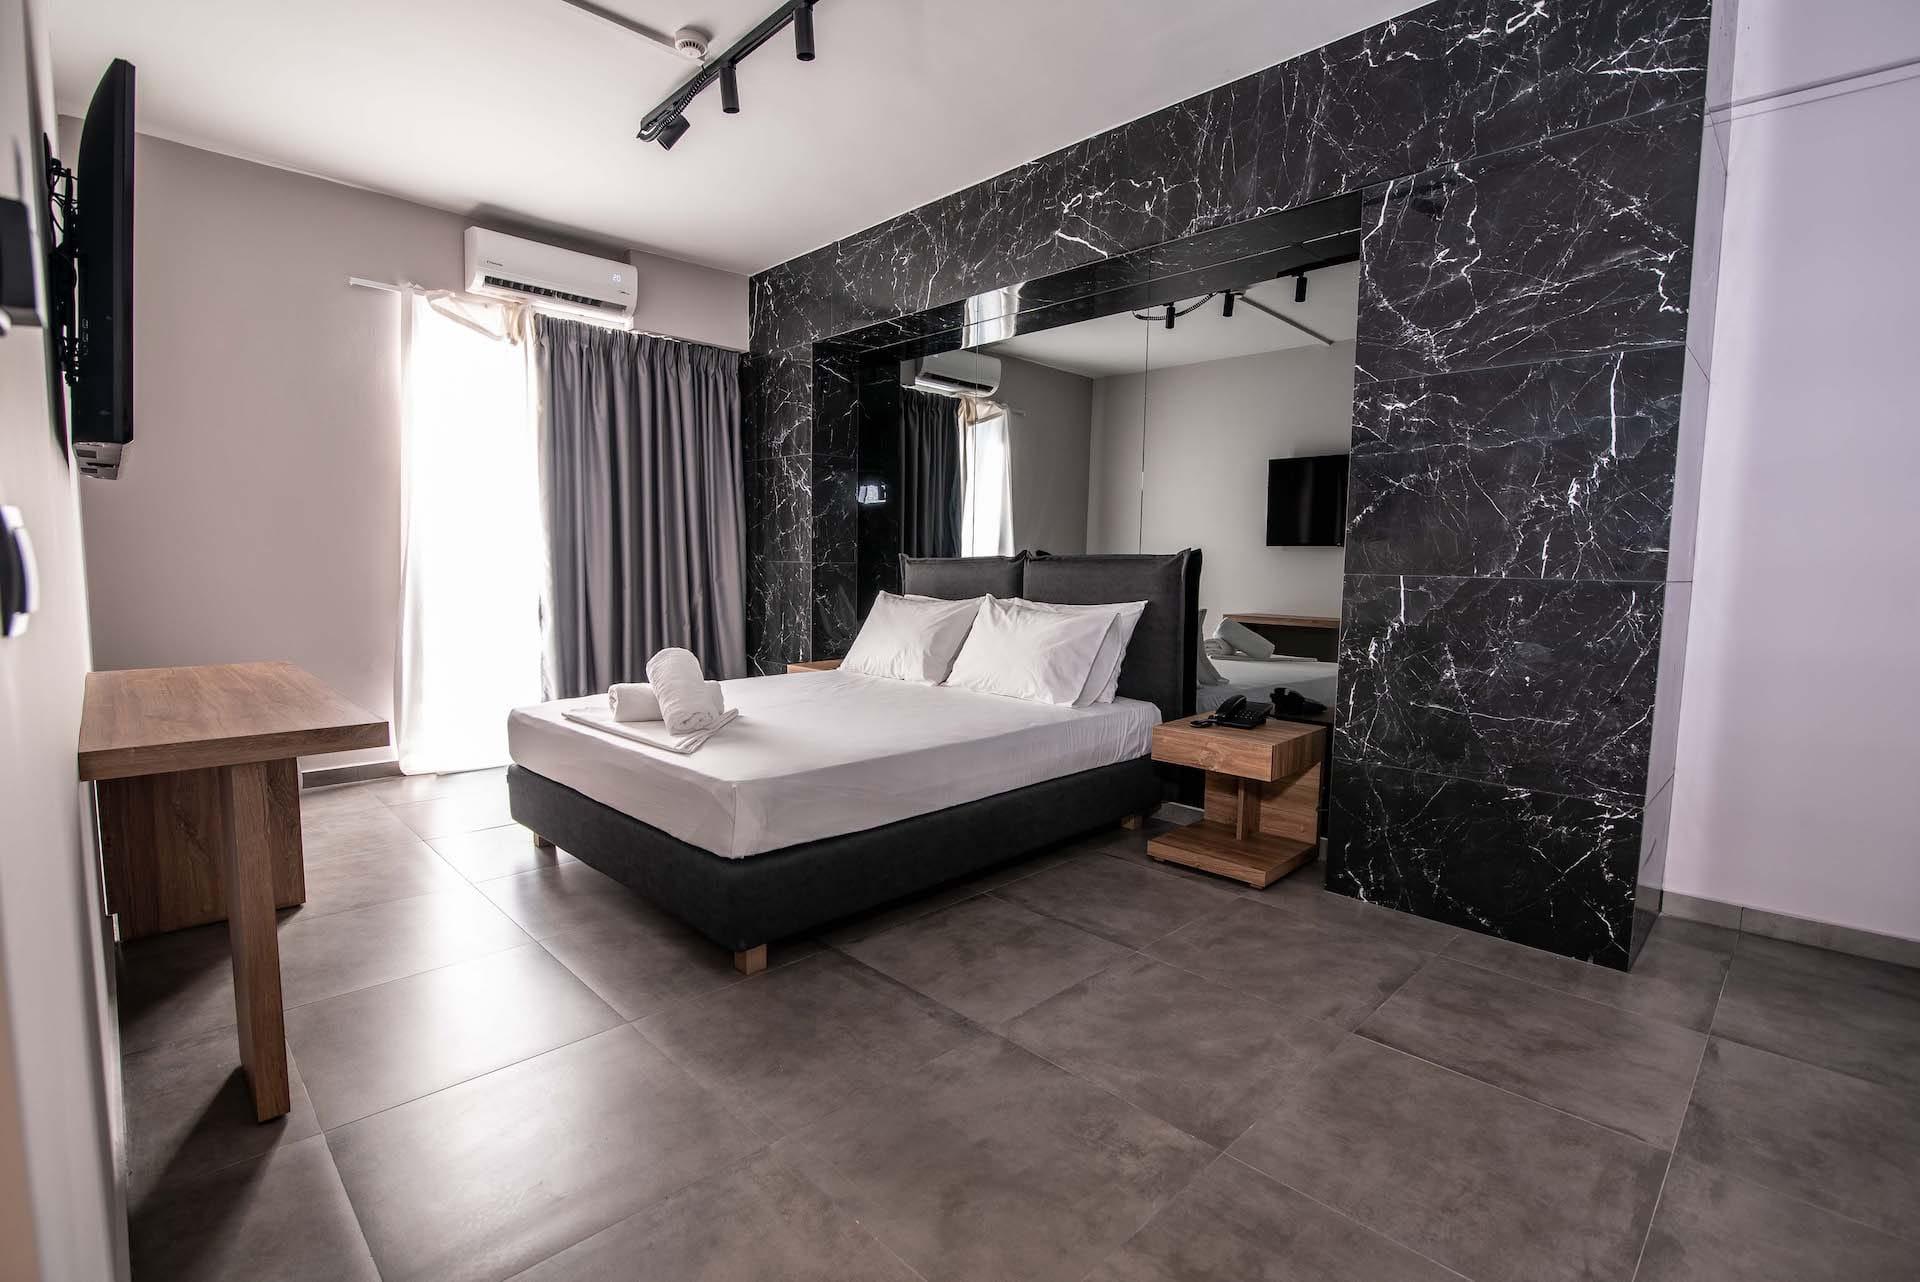 Zen Room: 20€